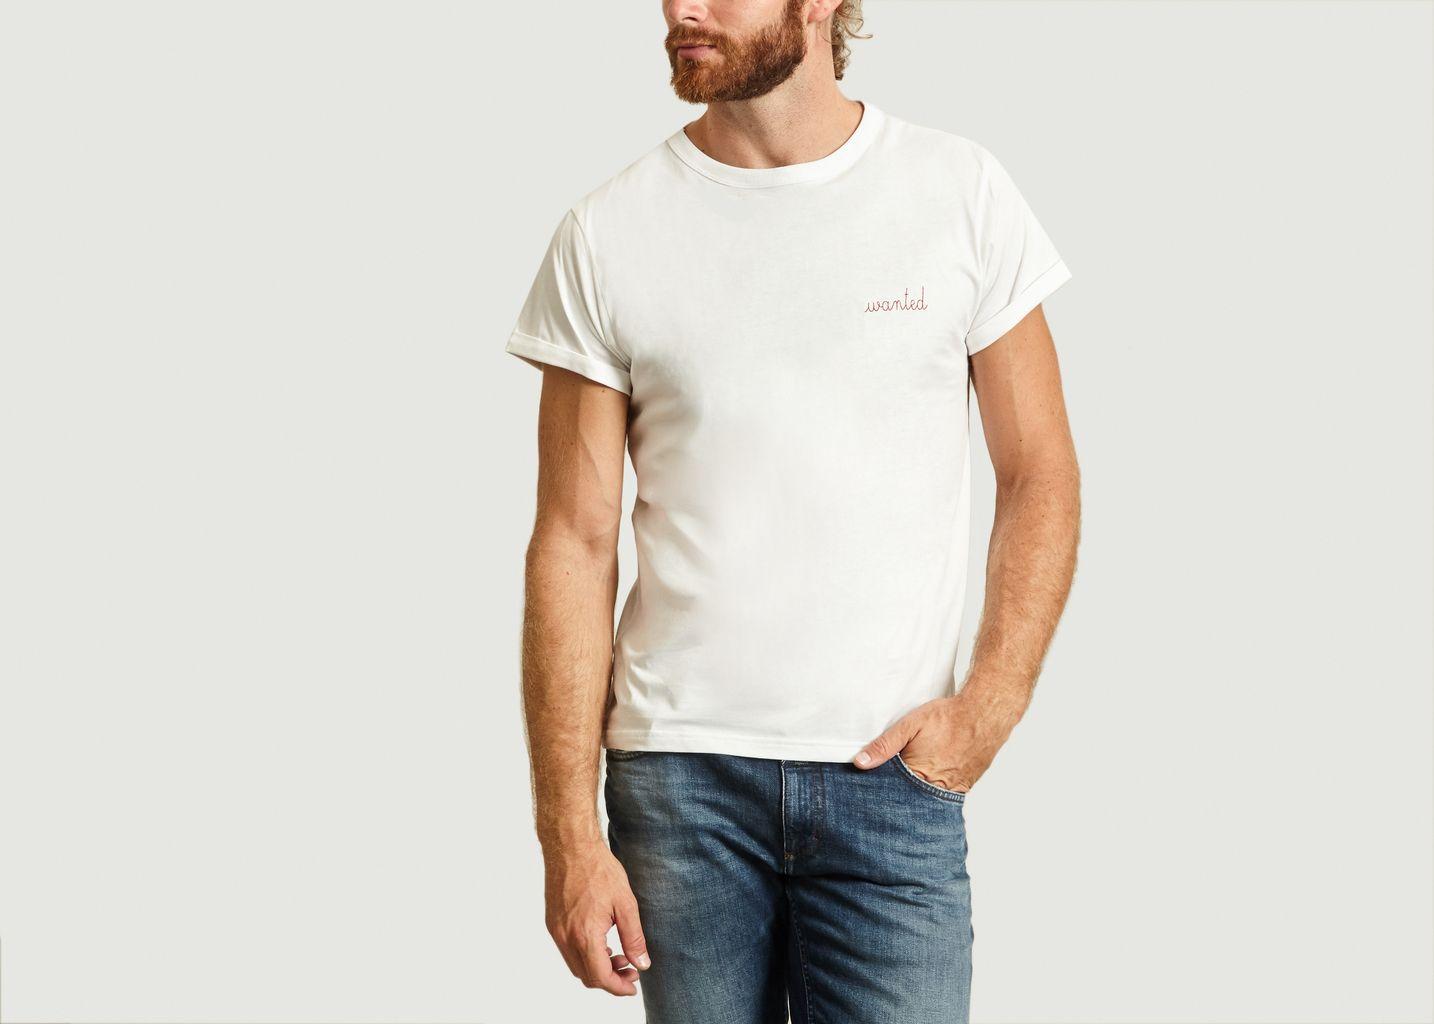 Tshirt Brodé Wanted - Maison Labiche